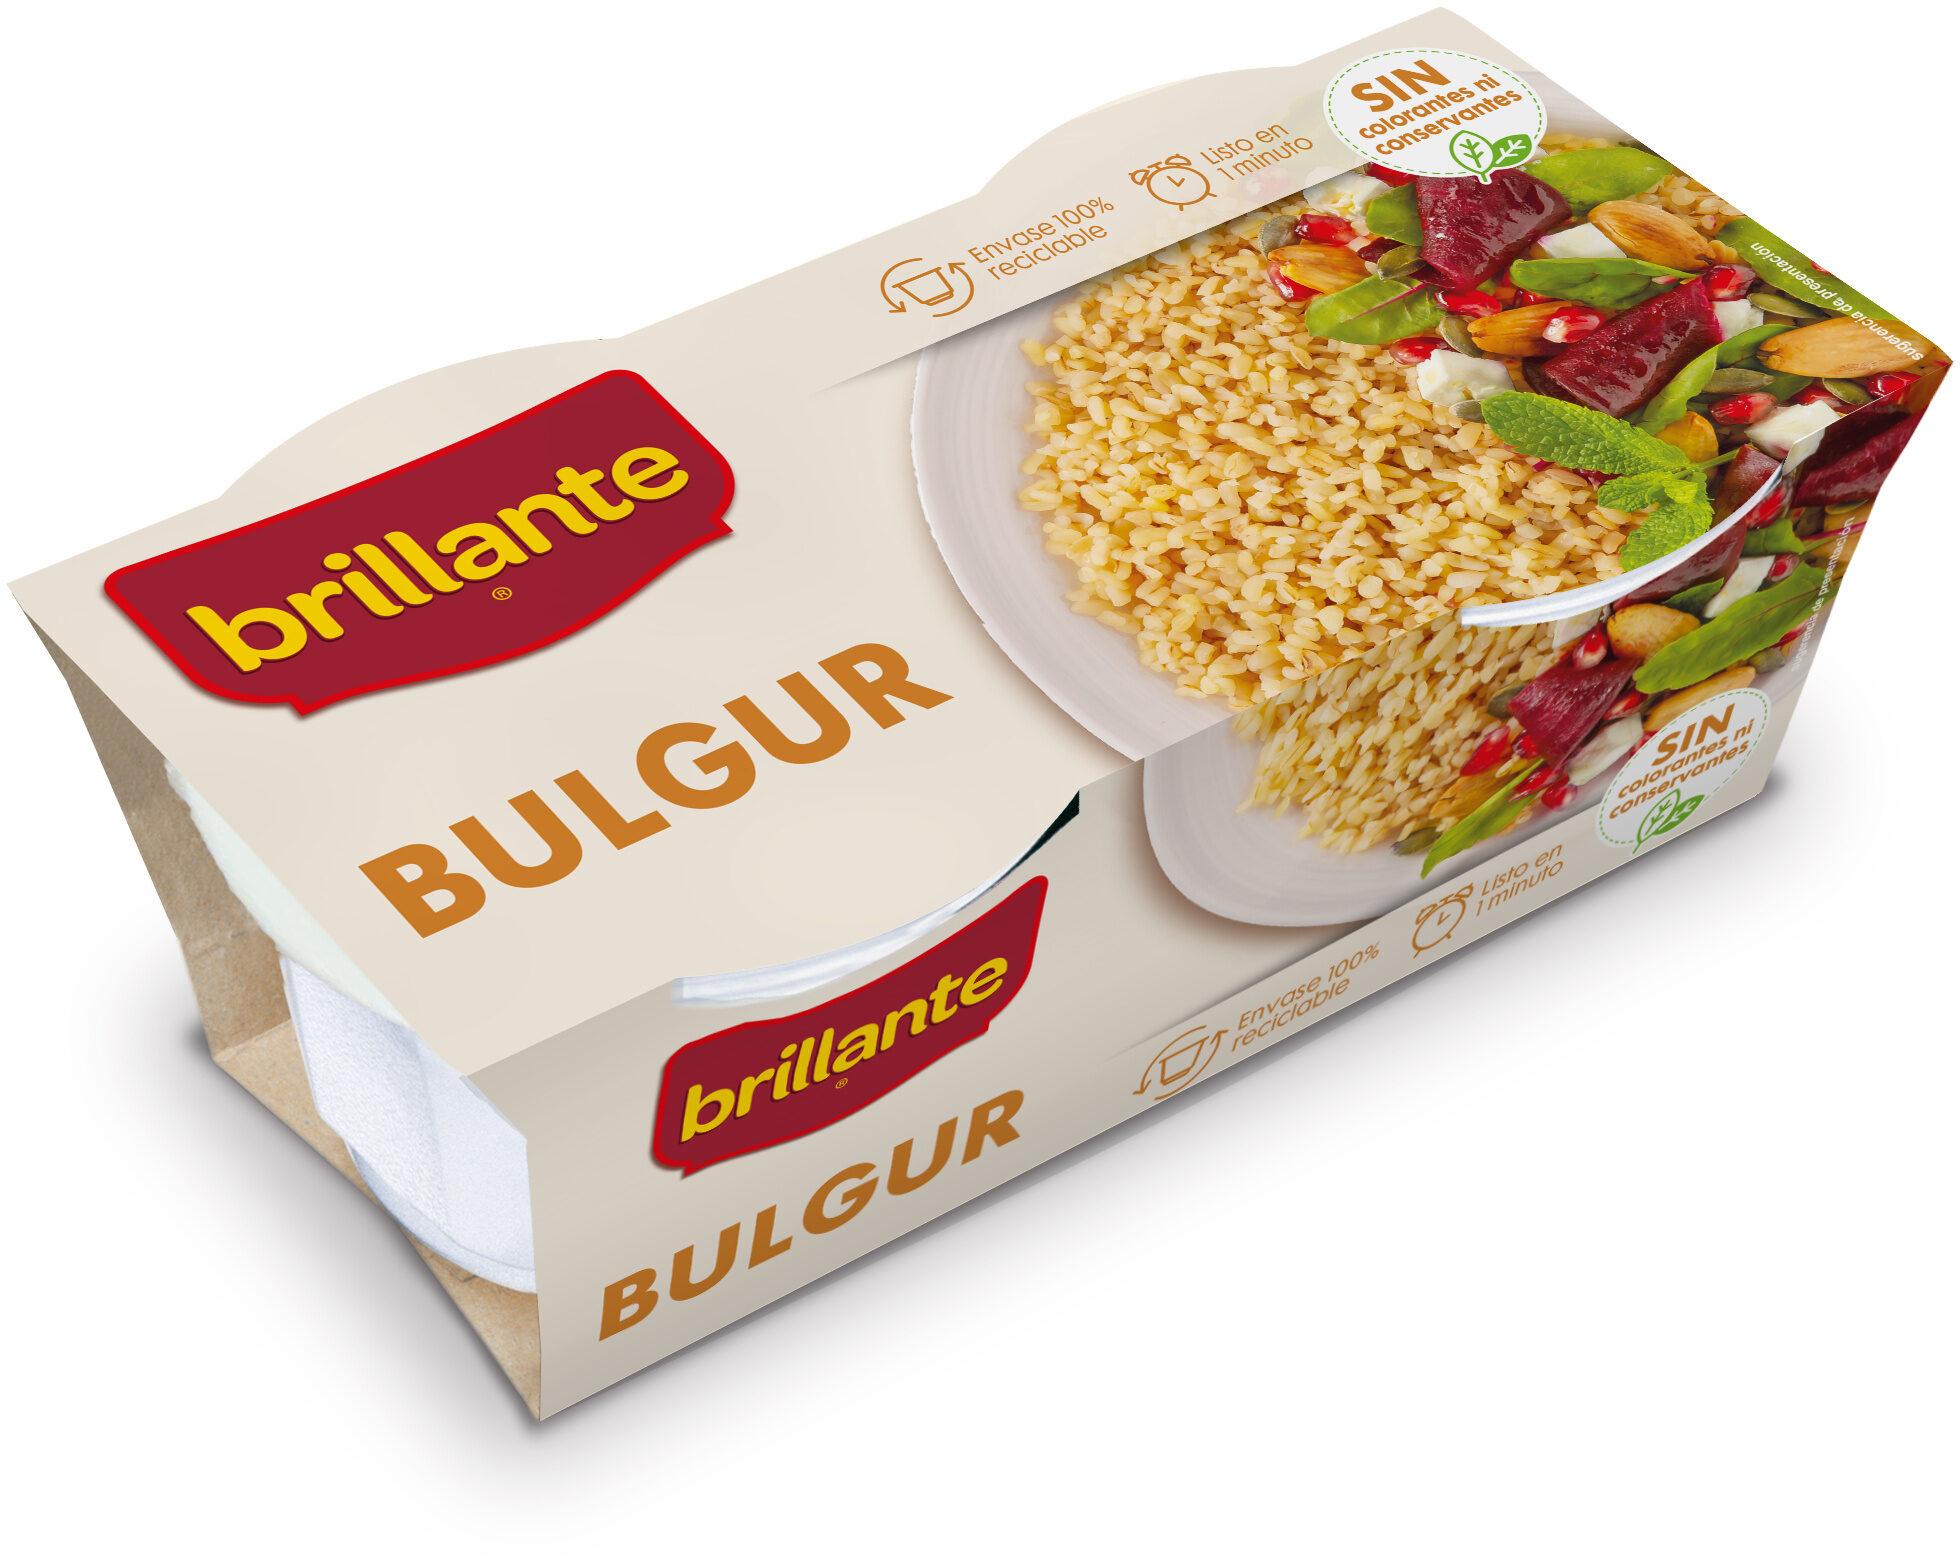 Brillante vasito de Bulgur - Producto - es